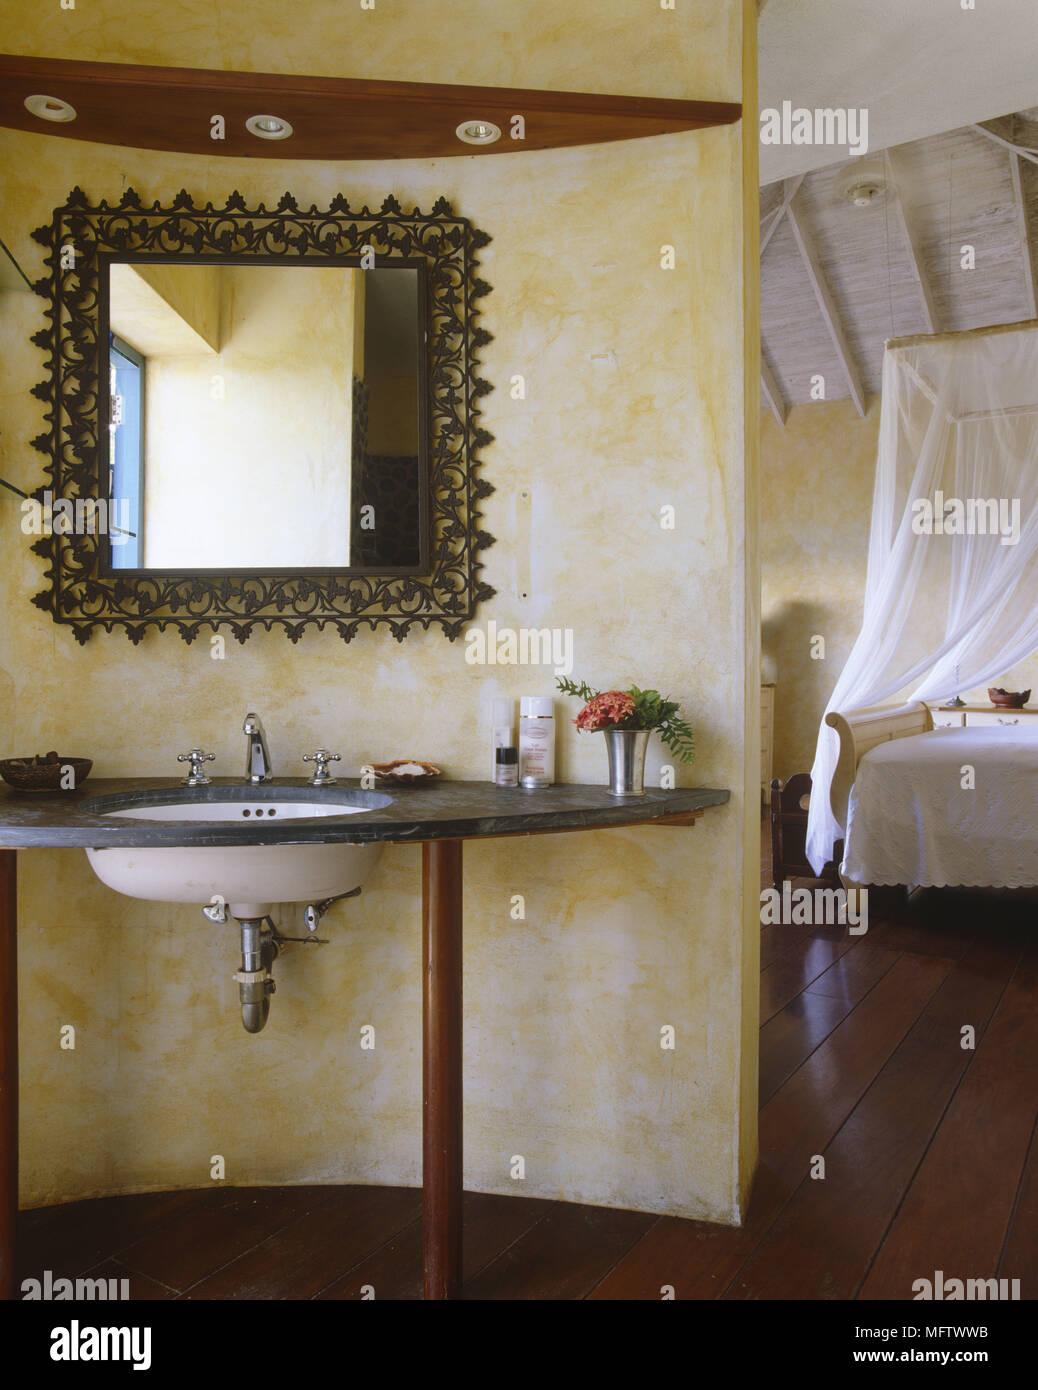 Salle de bain avec lavabo et miroir menant à une chambre ...